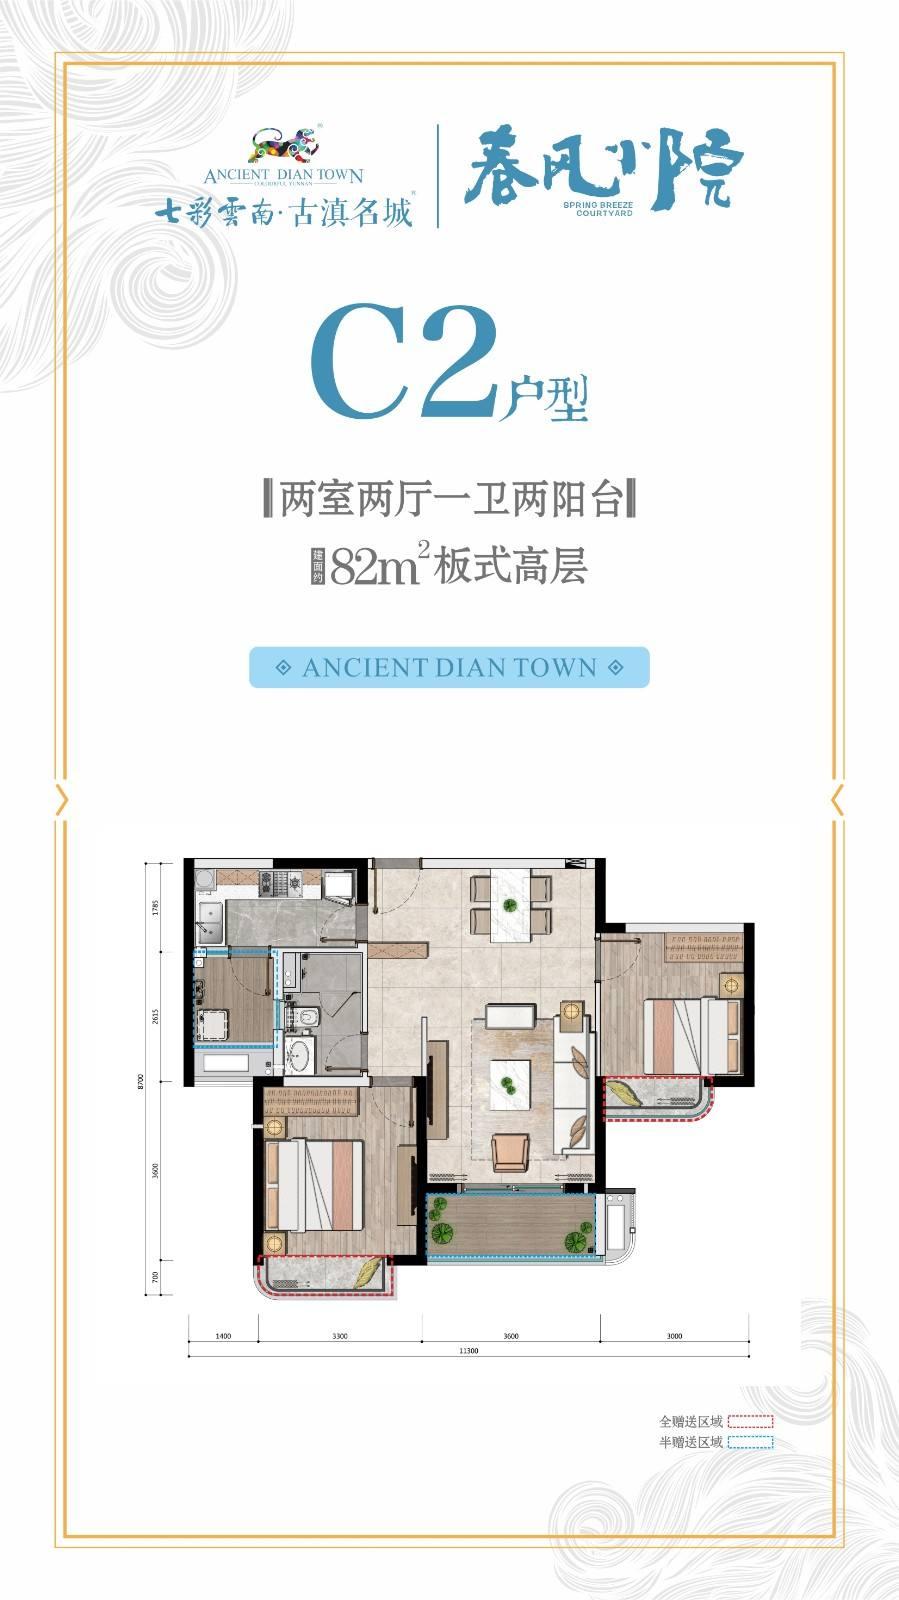 七彩云南古滇名城春风C2户型两室两厅一卫两阳建筑面积:82㎡